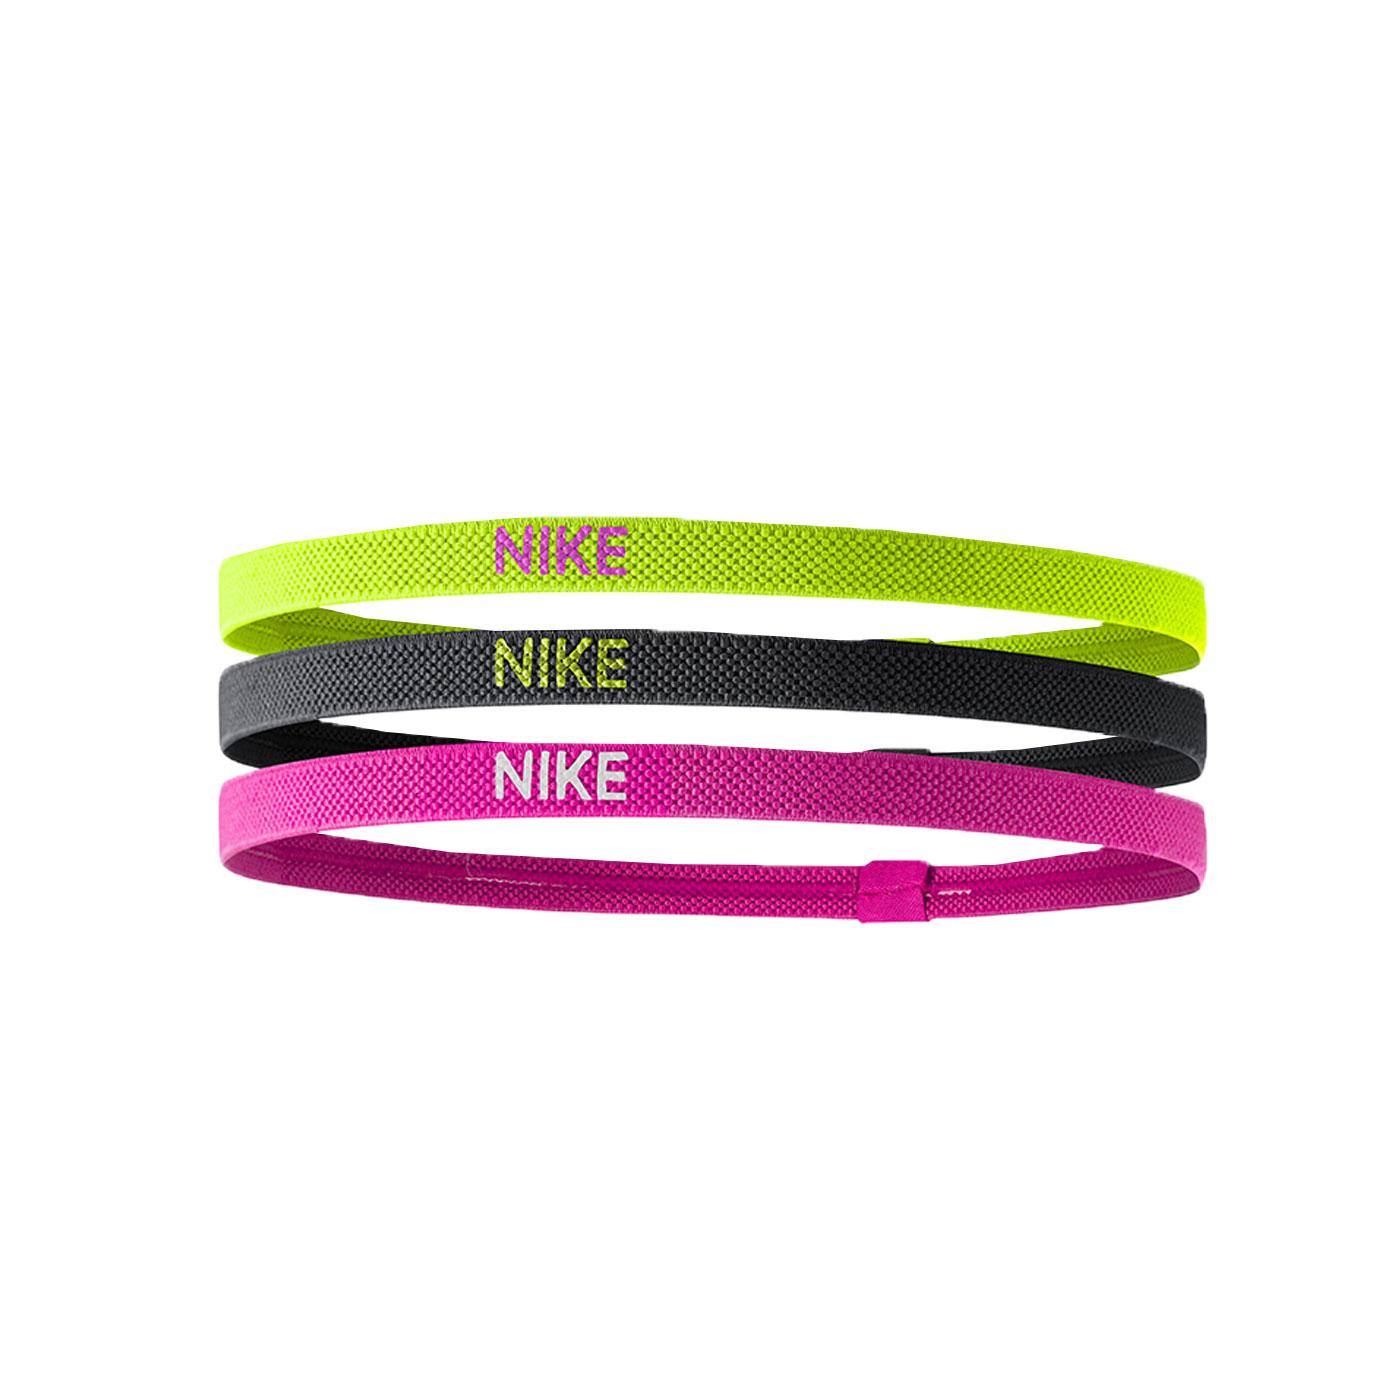 NIKE 彈性髮帶(3條入) NJN04983OS - 螢光黃黑粉